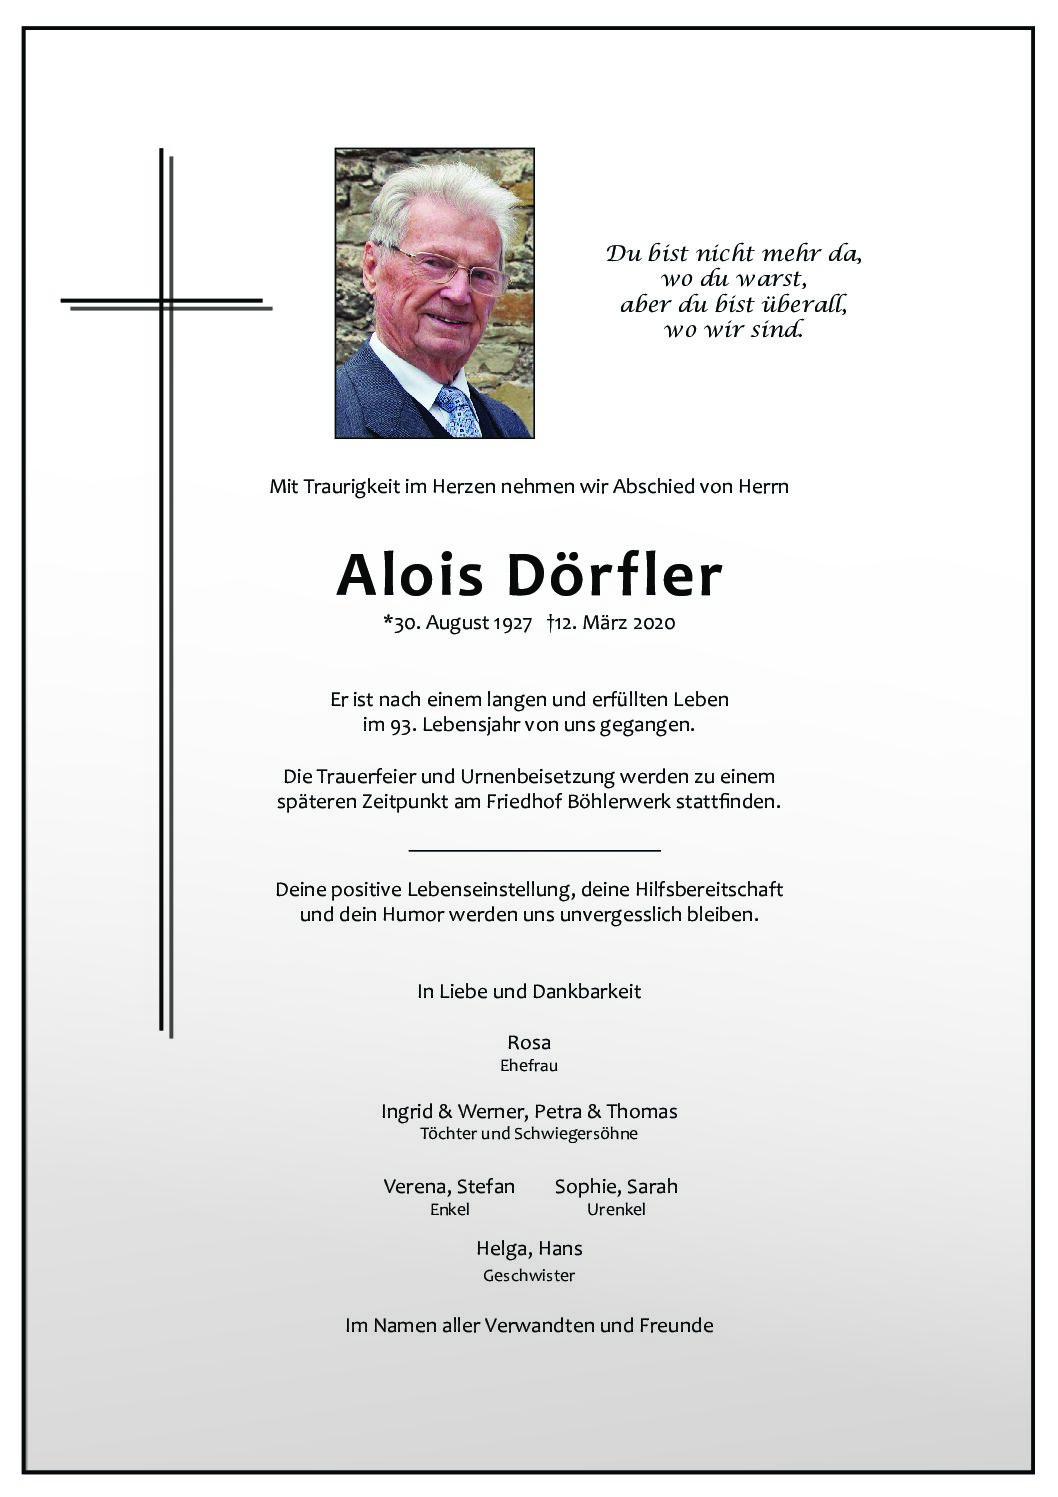 Alois Dörfler